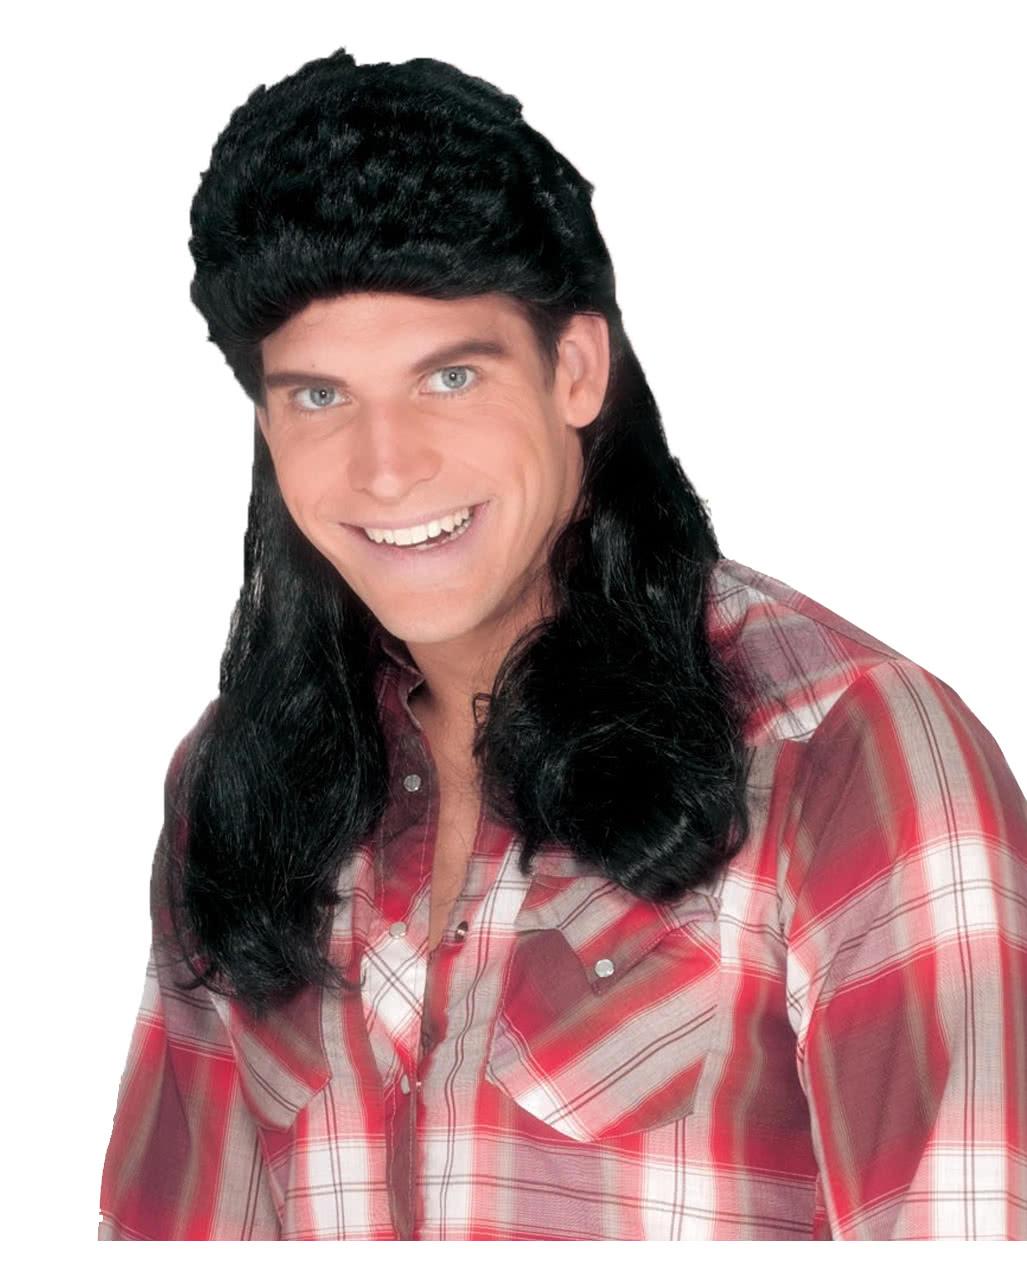 Mullet Men Wig Black Proletten Hairstyle Mullet Wig Horror Shopcom